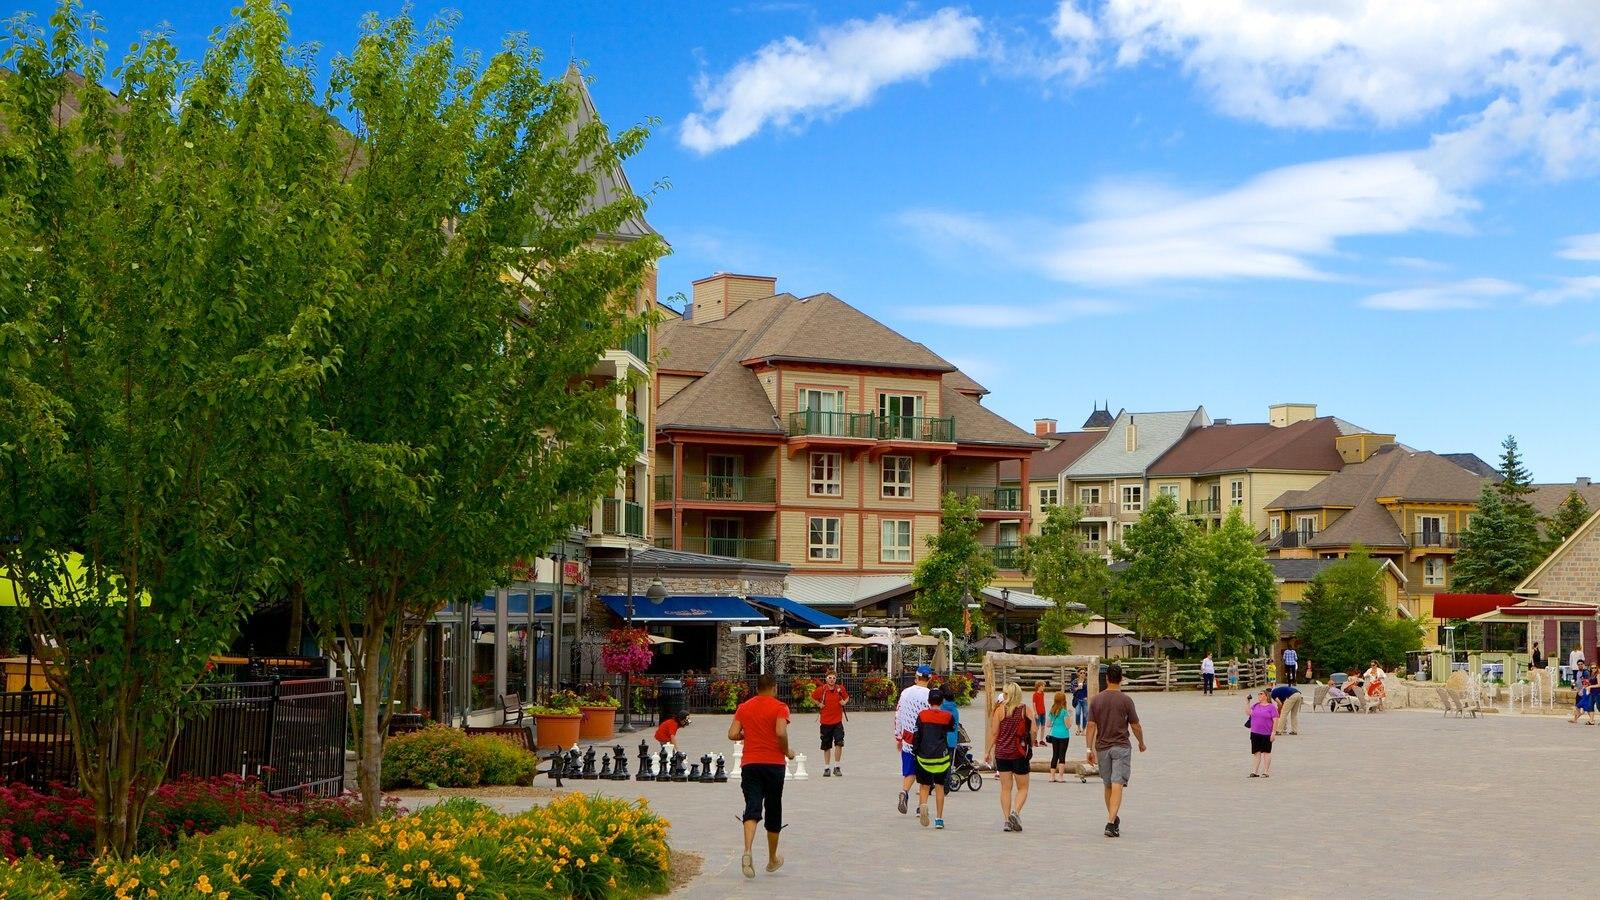 Blue Mountains que inclui cenas de rua, uma praça ou plaza e arquitetura de patrimônio